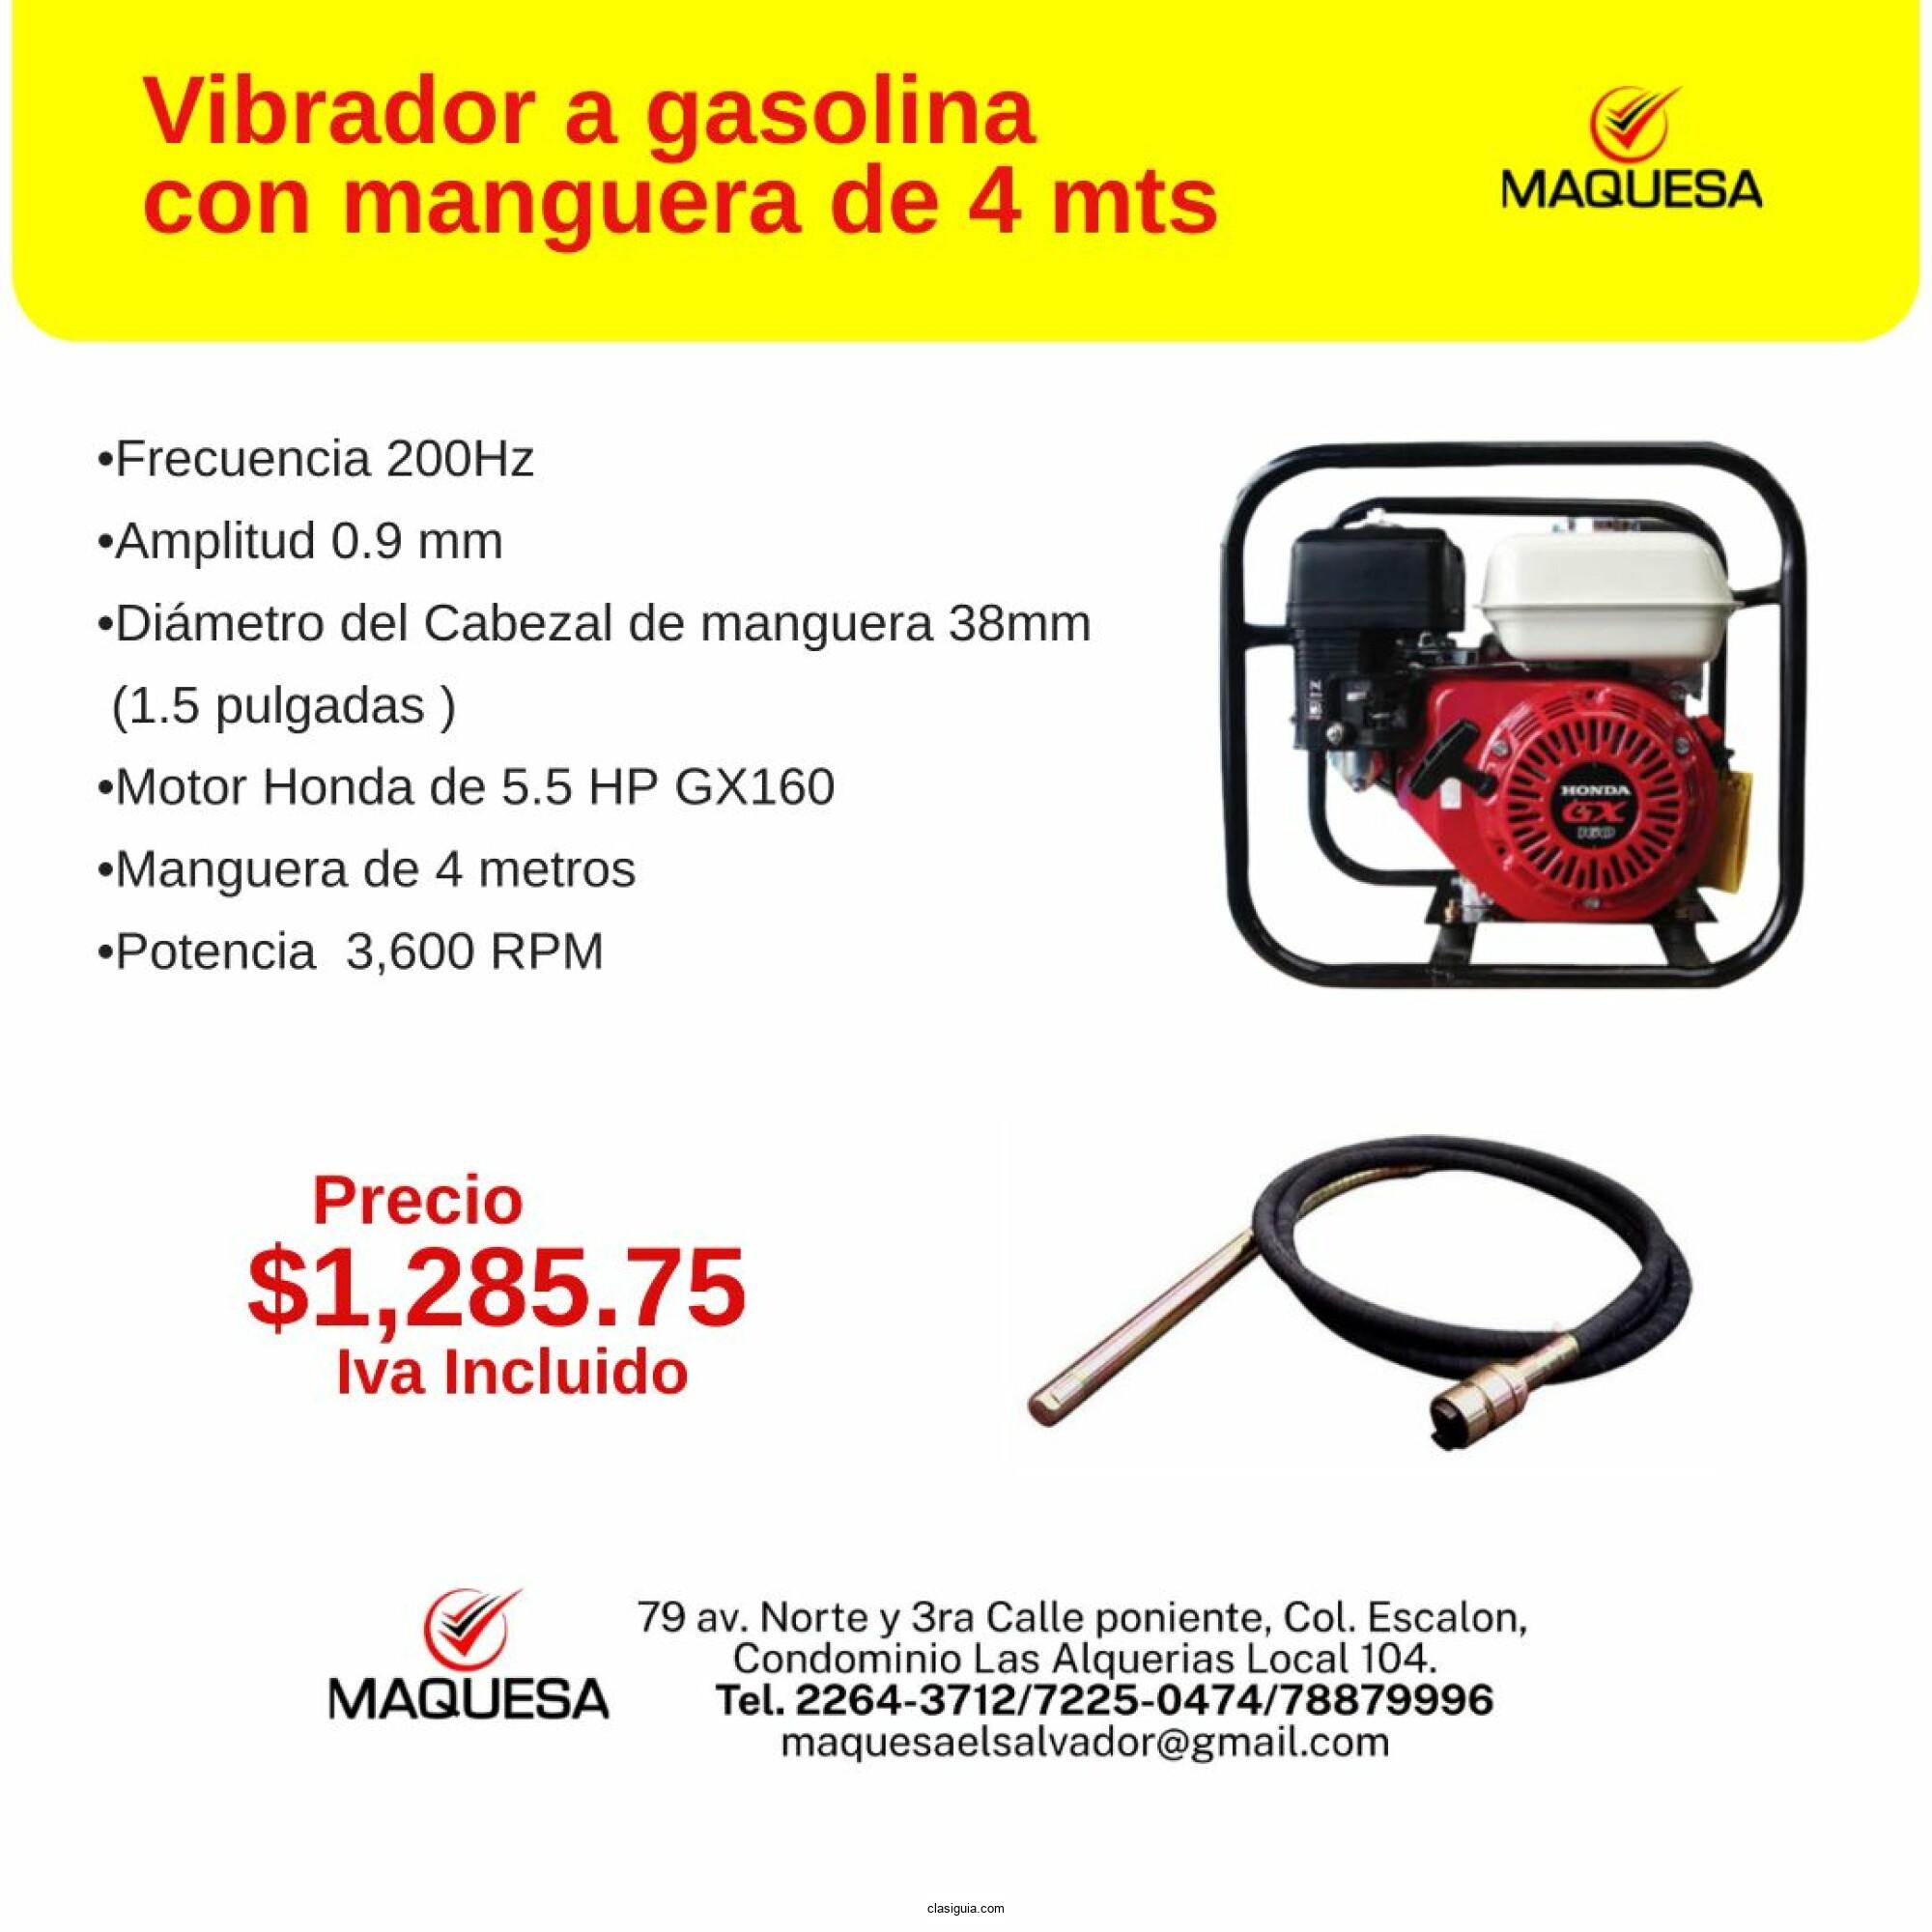 Vibrador A Gasolina